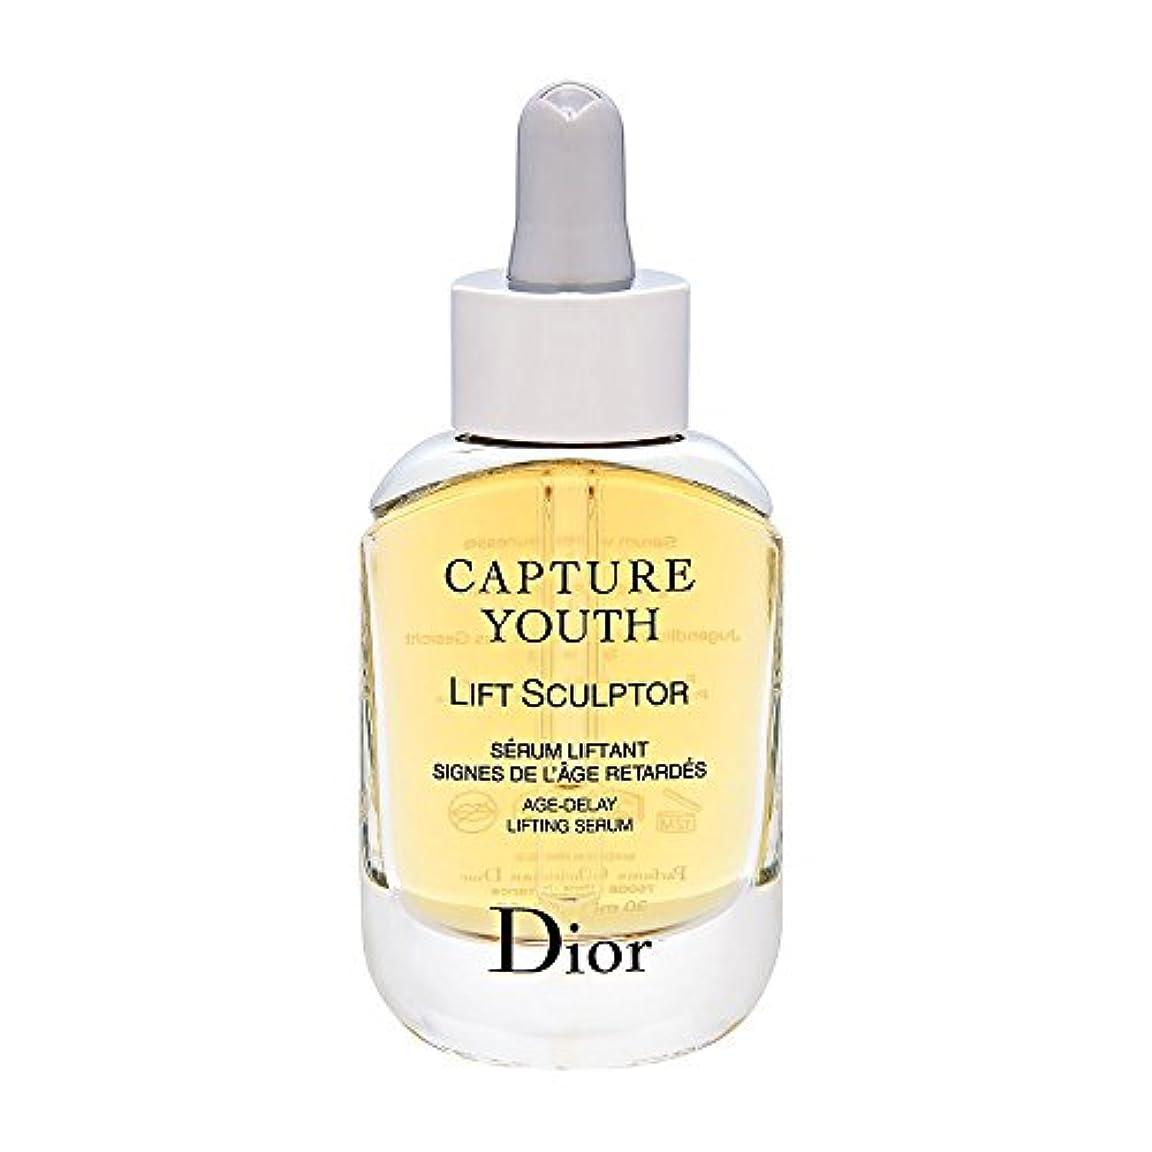 森追記ミサイルクリスチャンディオール Christian Dior カプチュール ユース L スカルプター 30mL [並行輸入品]